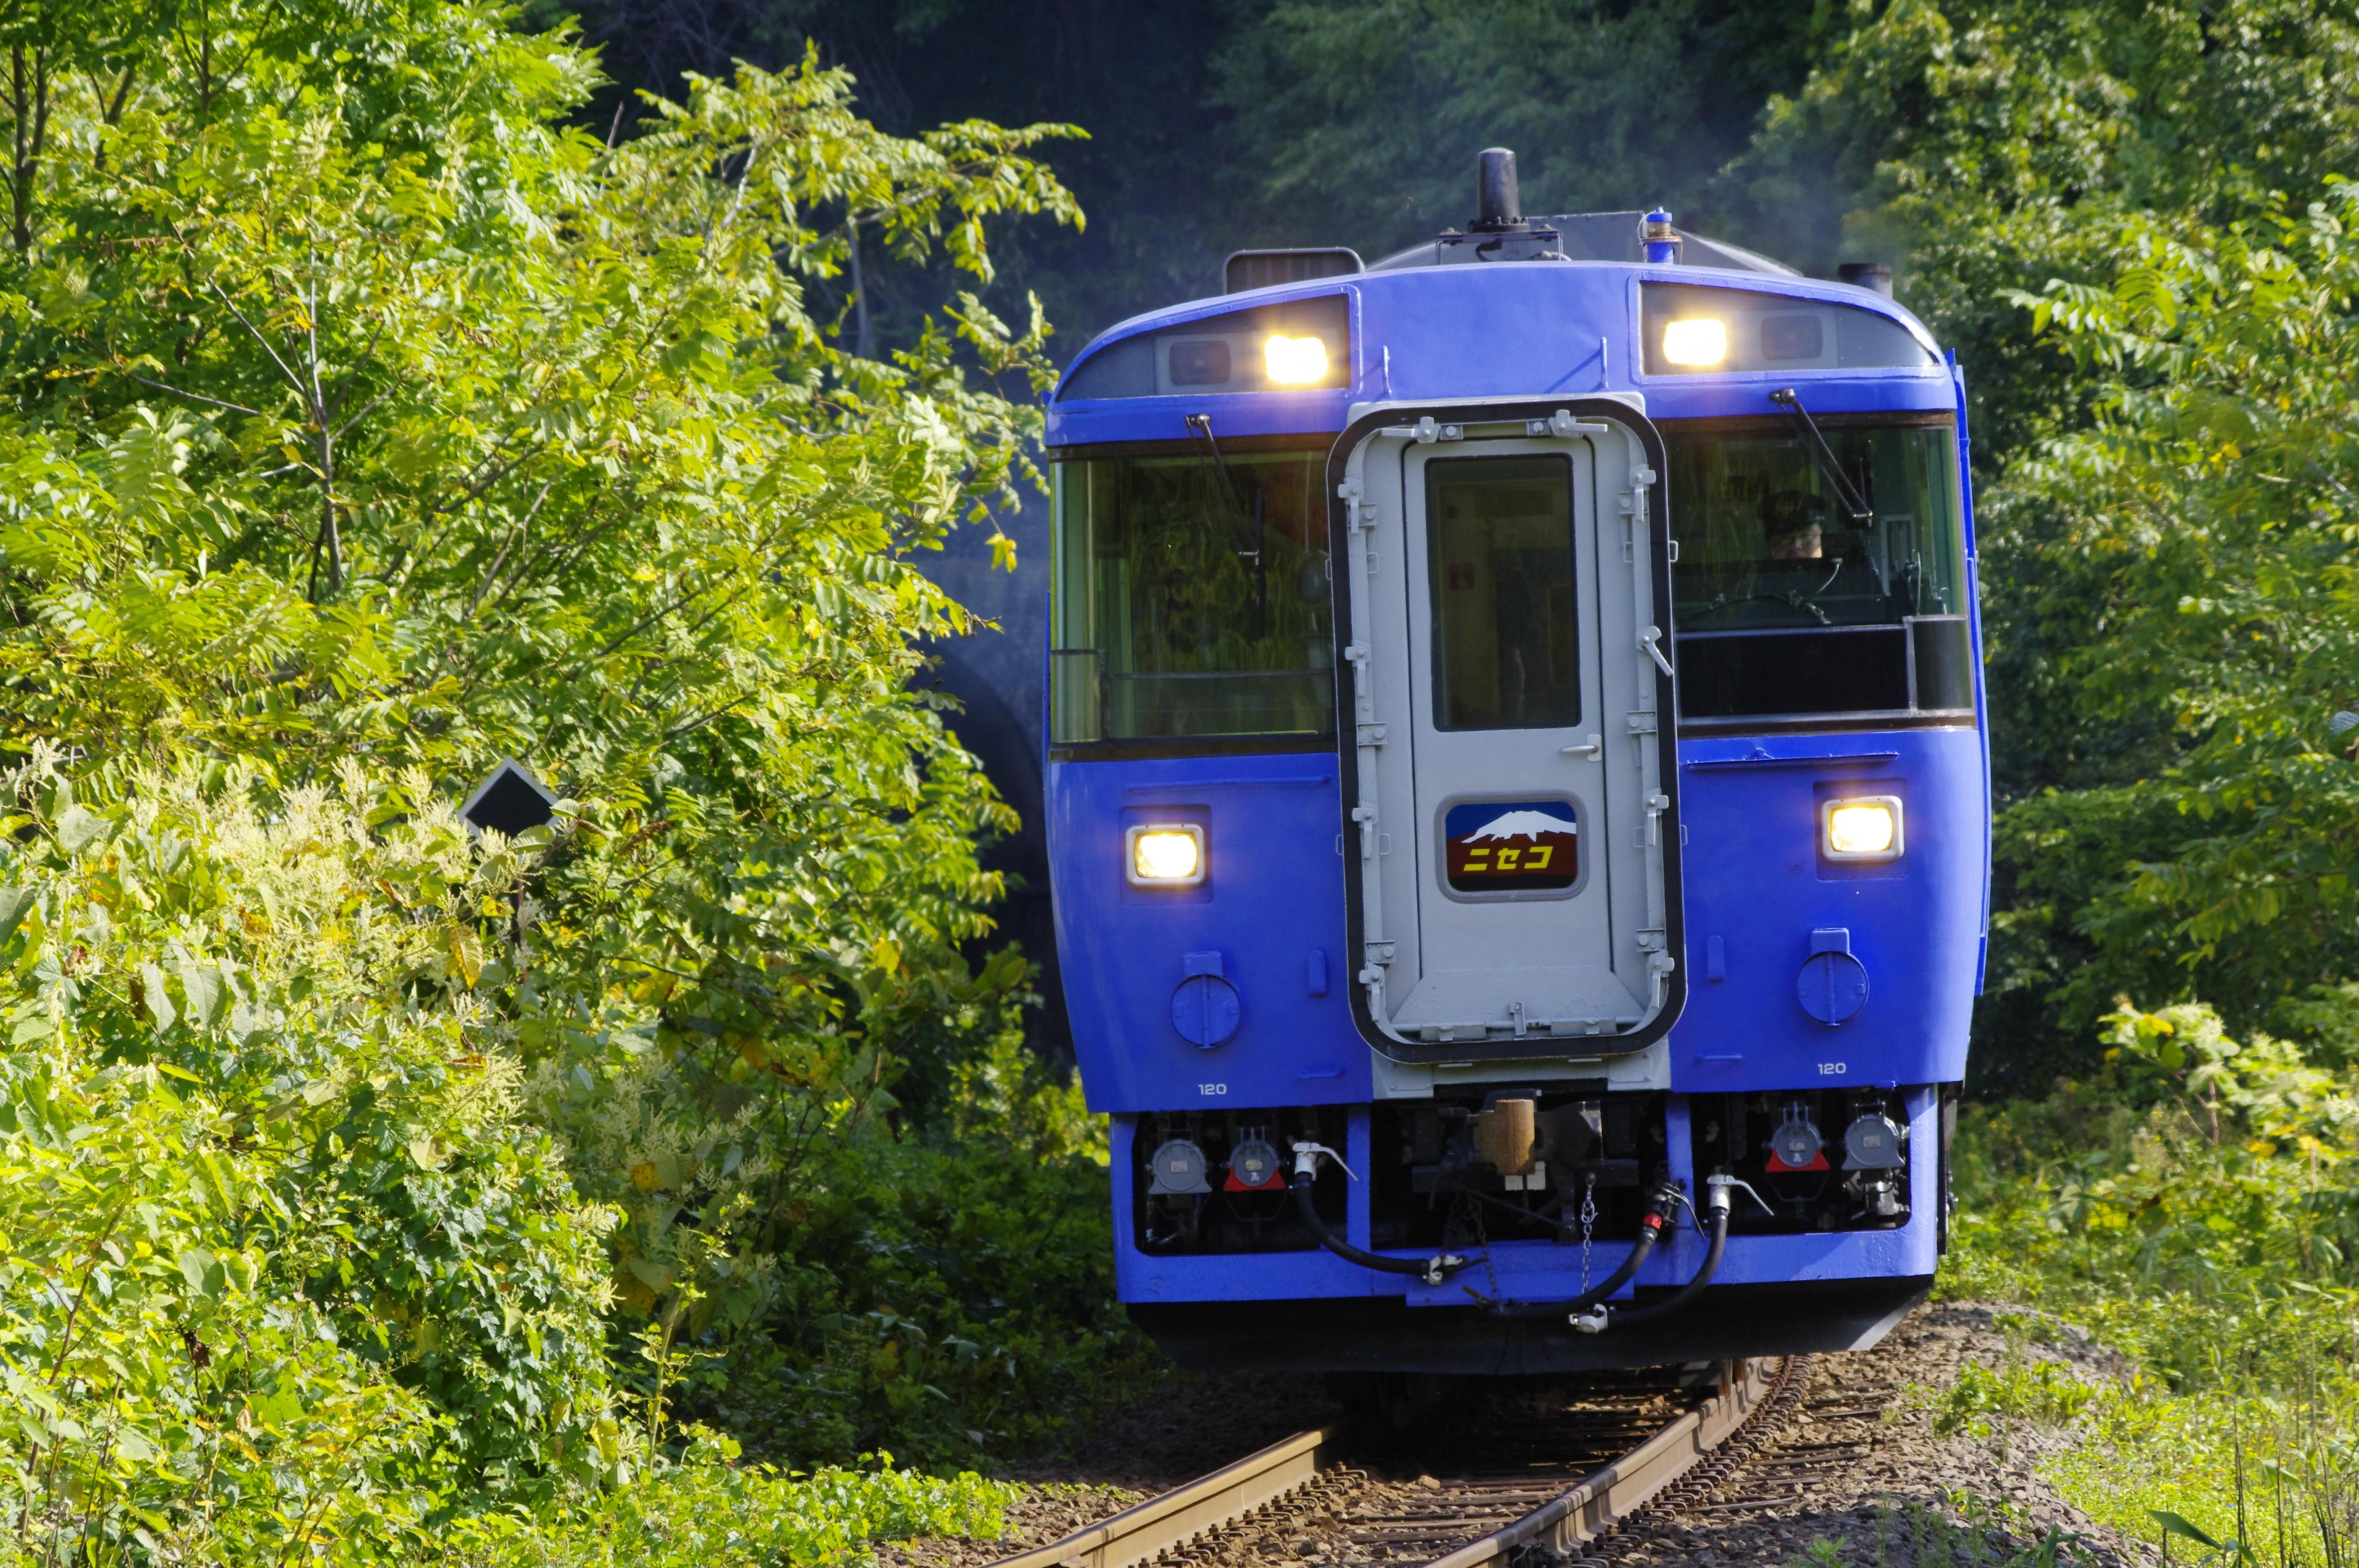 キハ183 特急ニセコ 塩谷−蘭島 桃内トンネル飛び出しアップ 190831.jpg